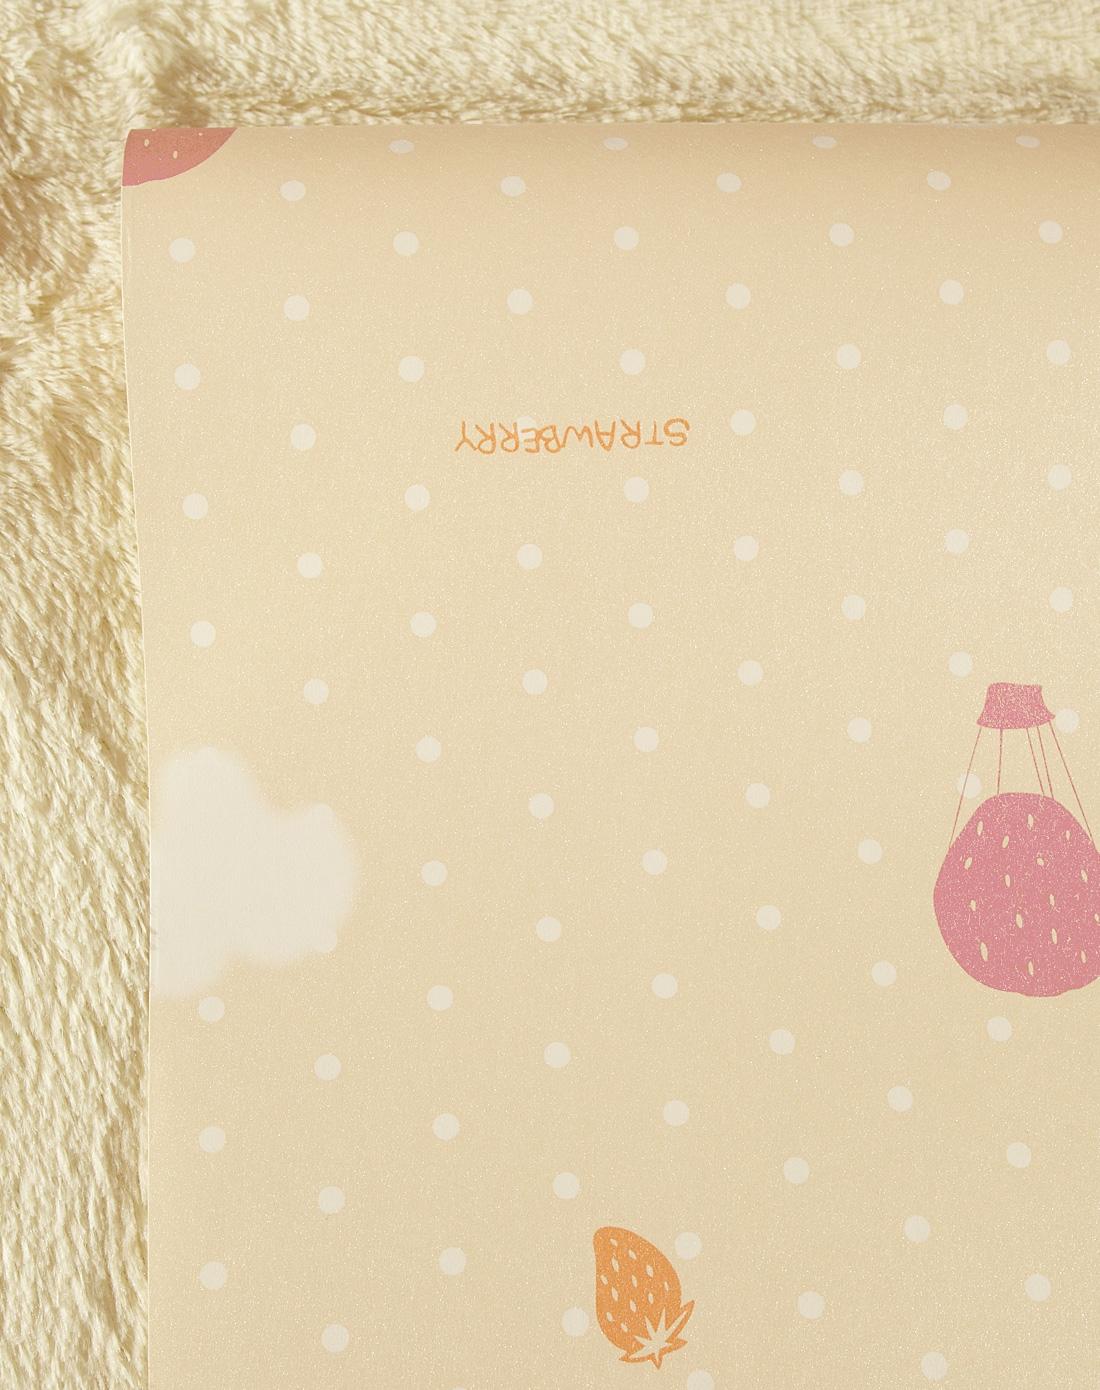 纸尚美学墙纸专场米黄色水果气球珠光底纹无纺布壁纸